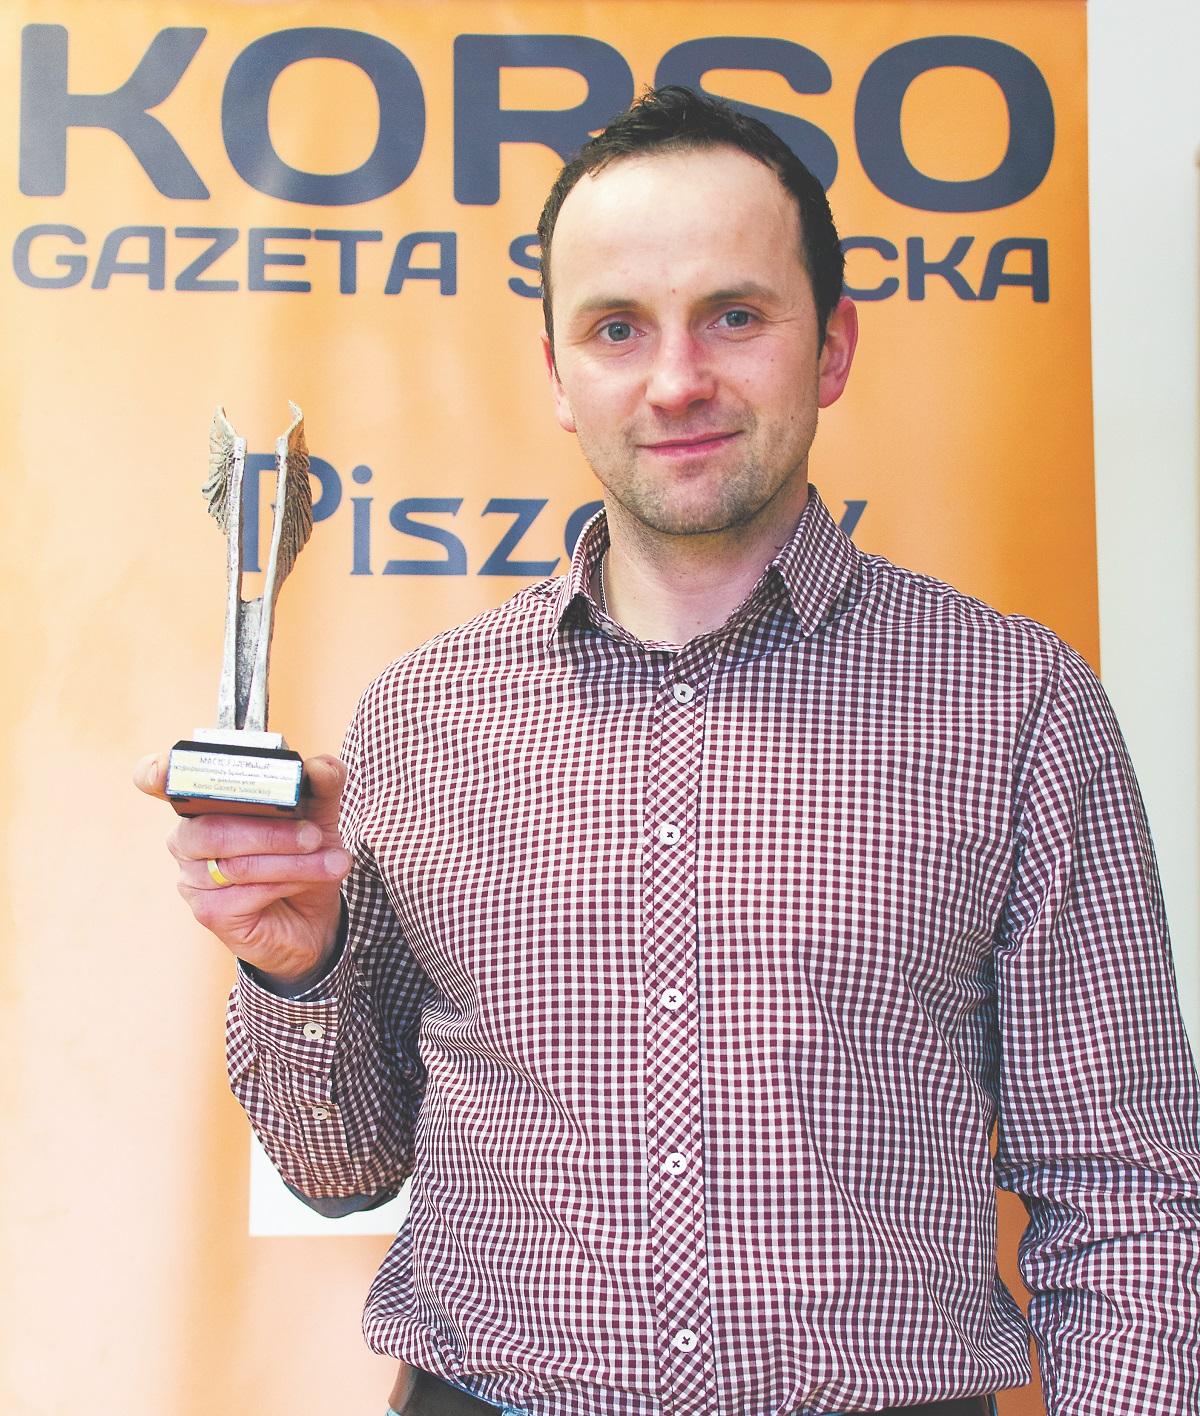 Maciej Mermer, zwycięzca w plebiscycie Najpopularniejszy Sportowiec Roku 2017 Korso Gazety Sanockiej - Zdjęcie główne